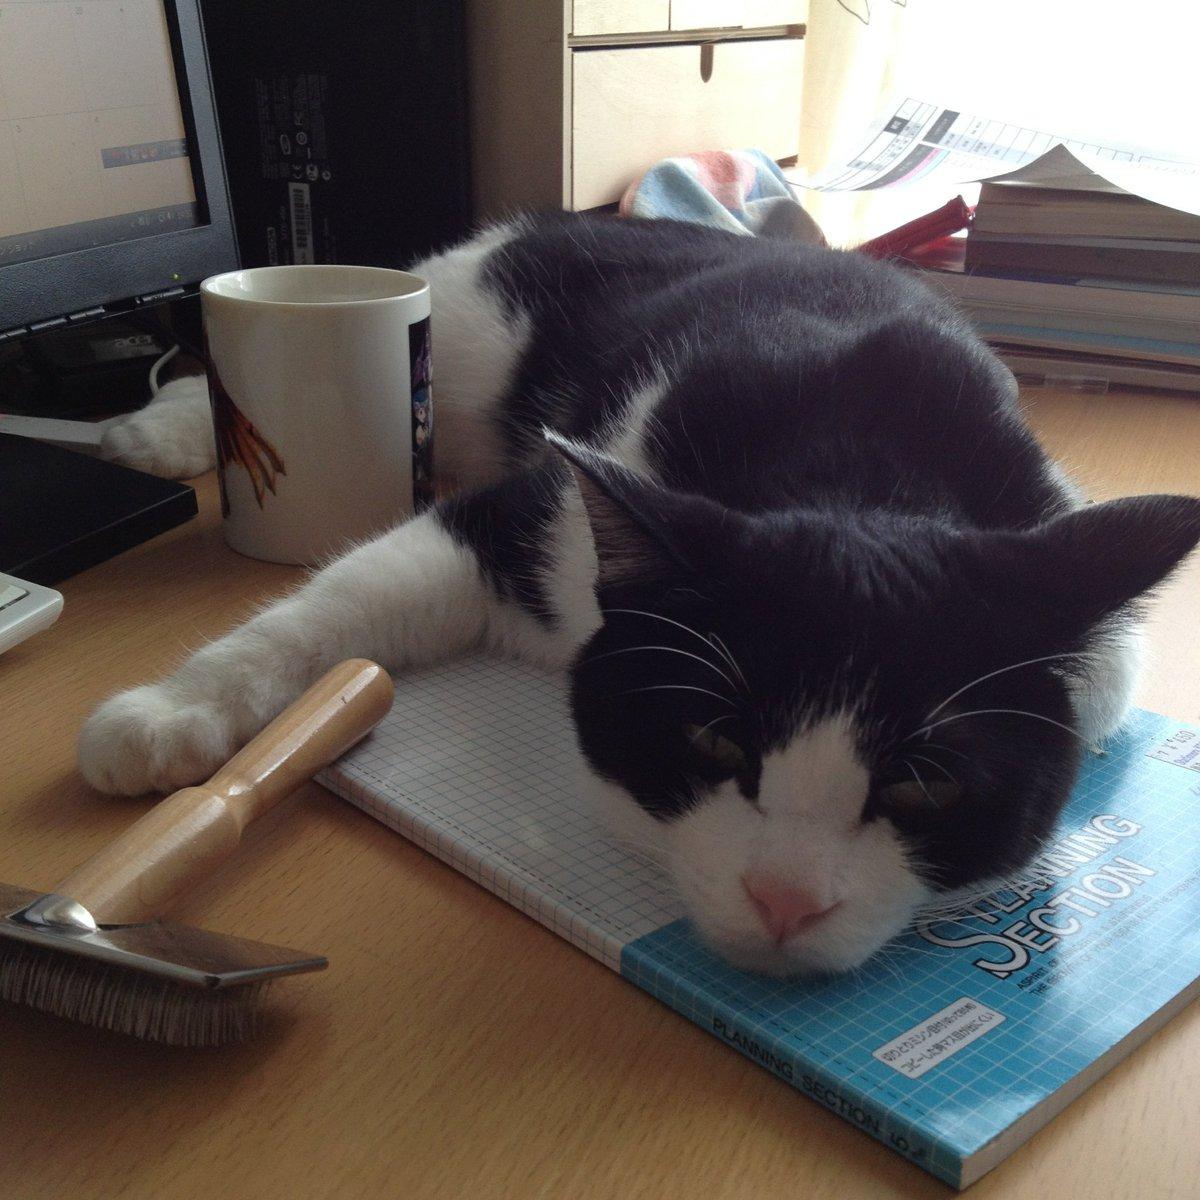 我が家の雄山(猫)だと、Favは稼ぐがRetweetがあまり伸びず、さらに引っ越...